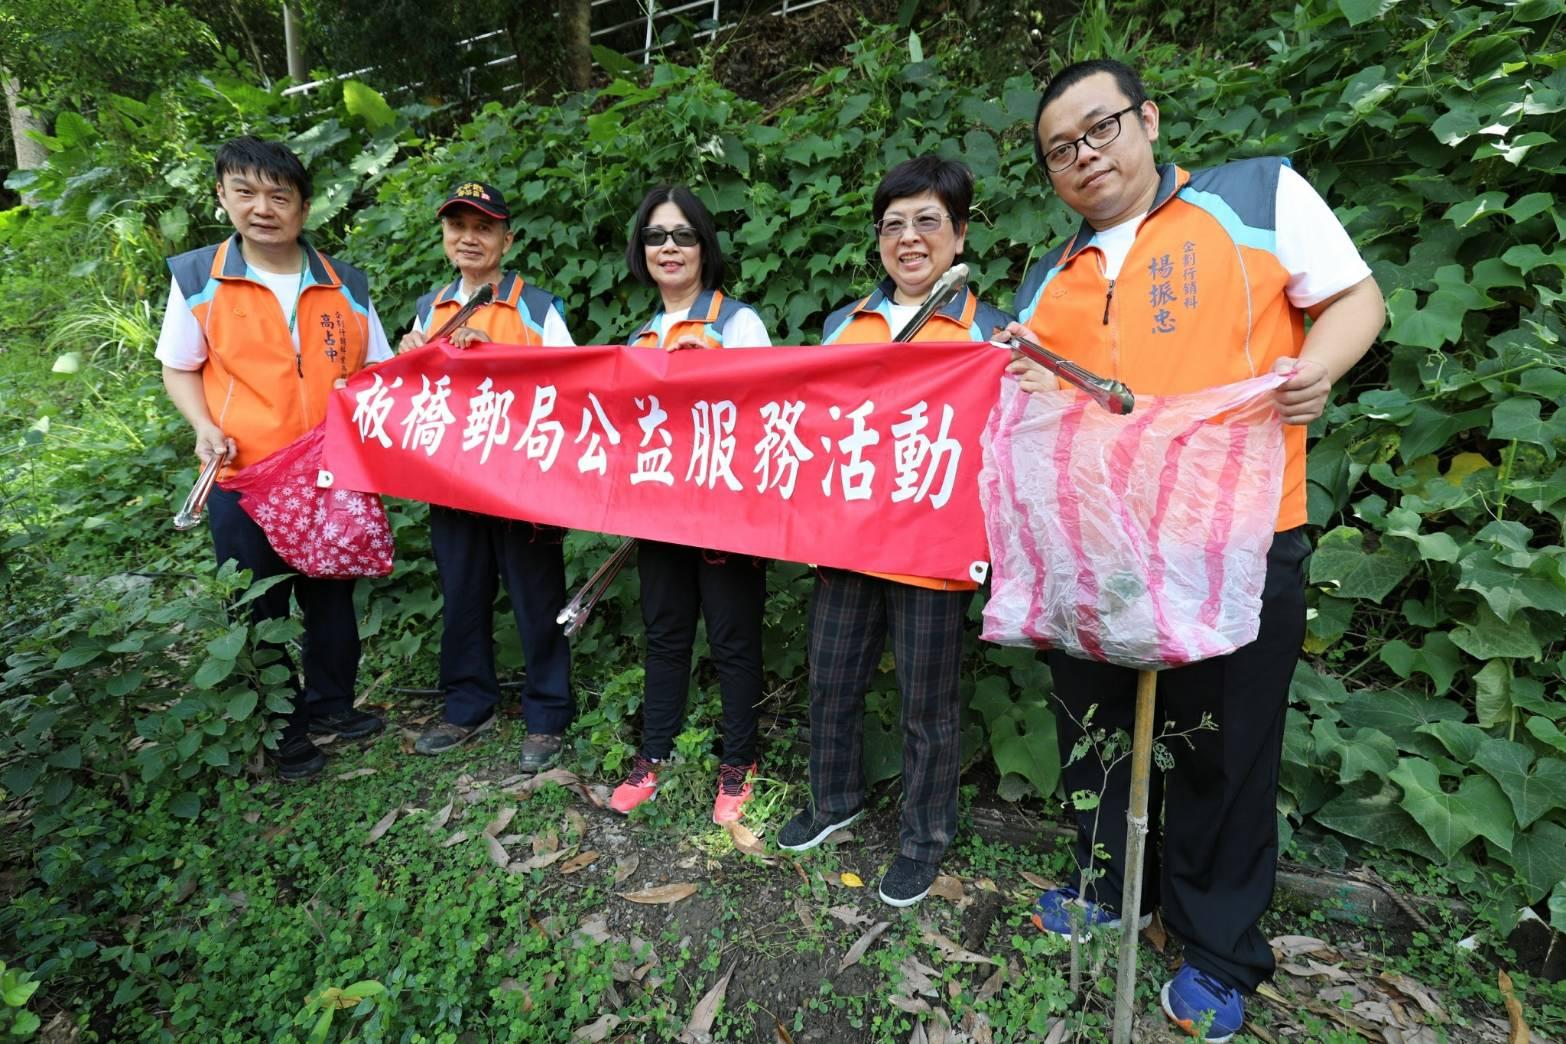 板橋郵局舉辦108年淨山活動(新北市烏來山區)